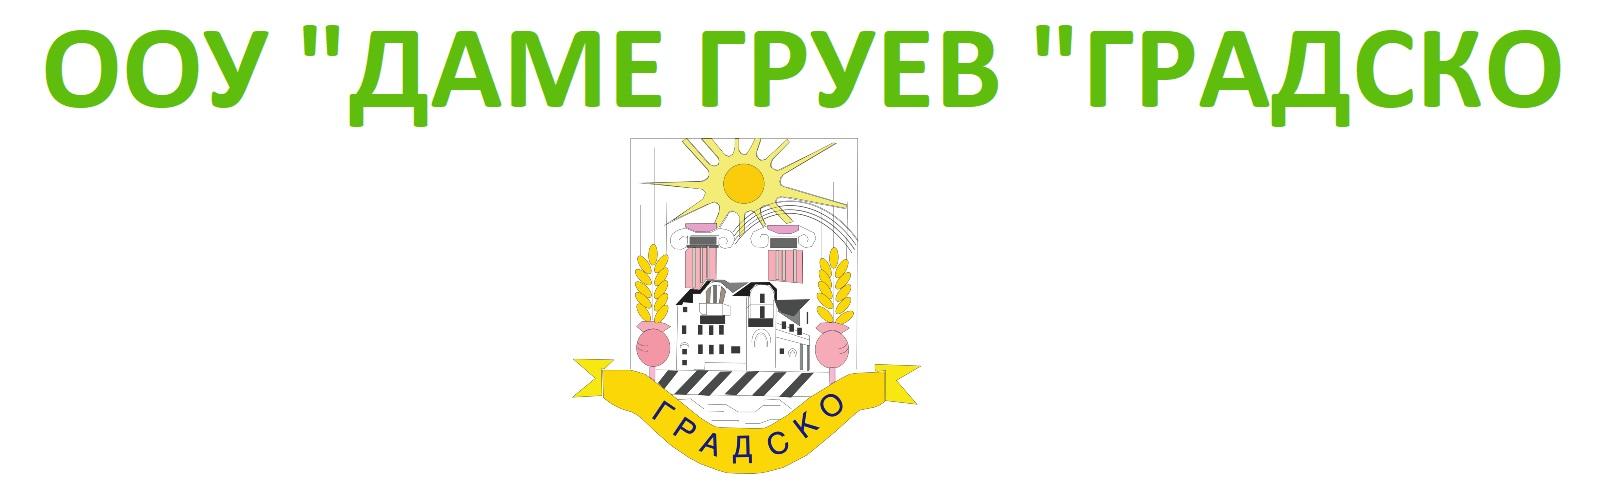 """ООУ""""Даме Груев""""-Градско"""